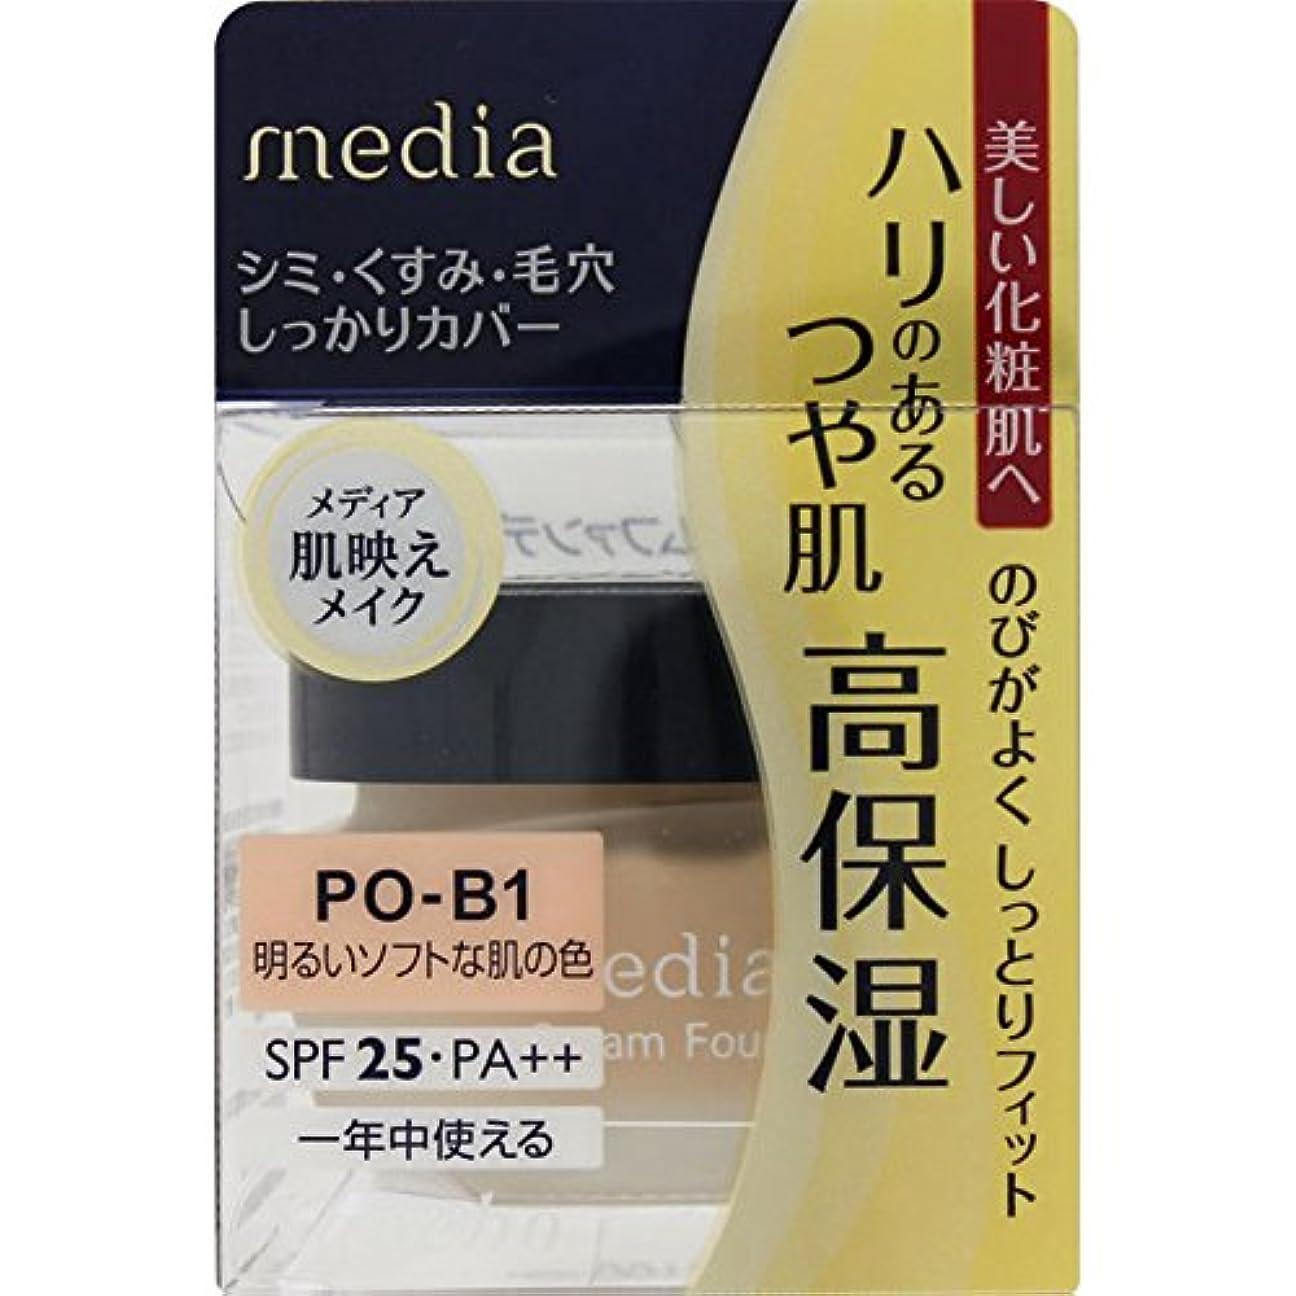 嘆願定期的に履歴書カネボウ化粧品 メディア クリームファンデーション 明るいソフトな肌の色 POーB1